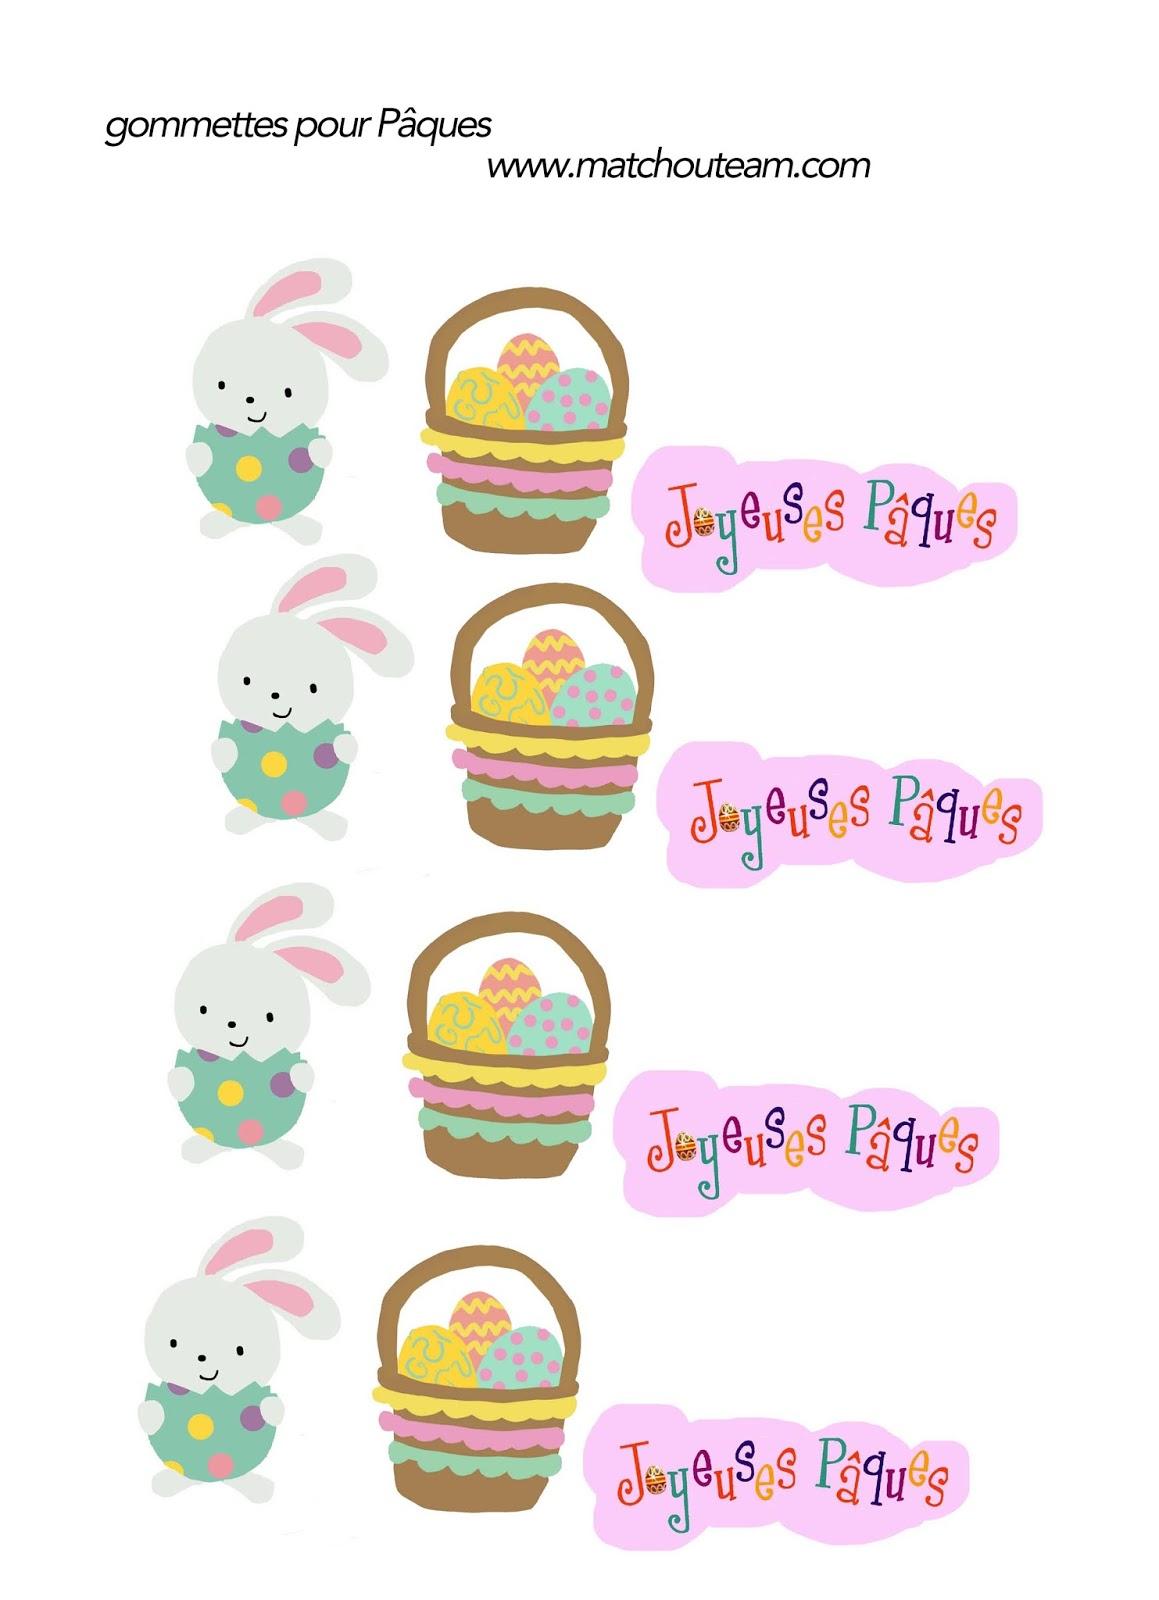 gommettes pour Pâques